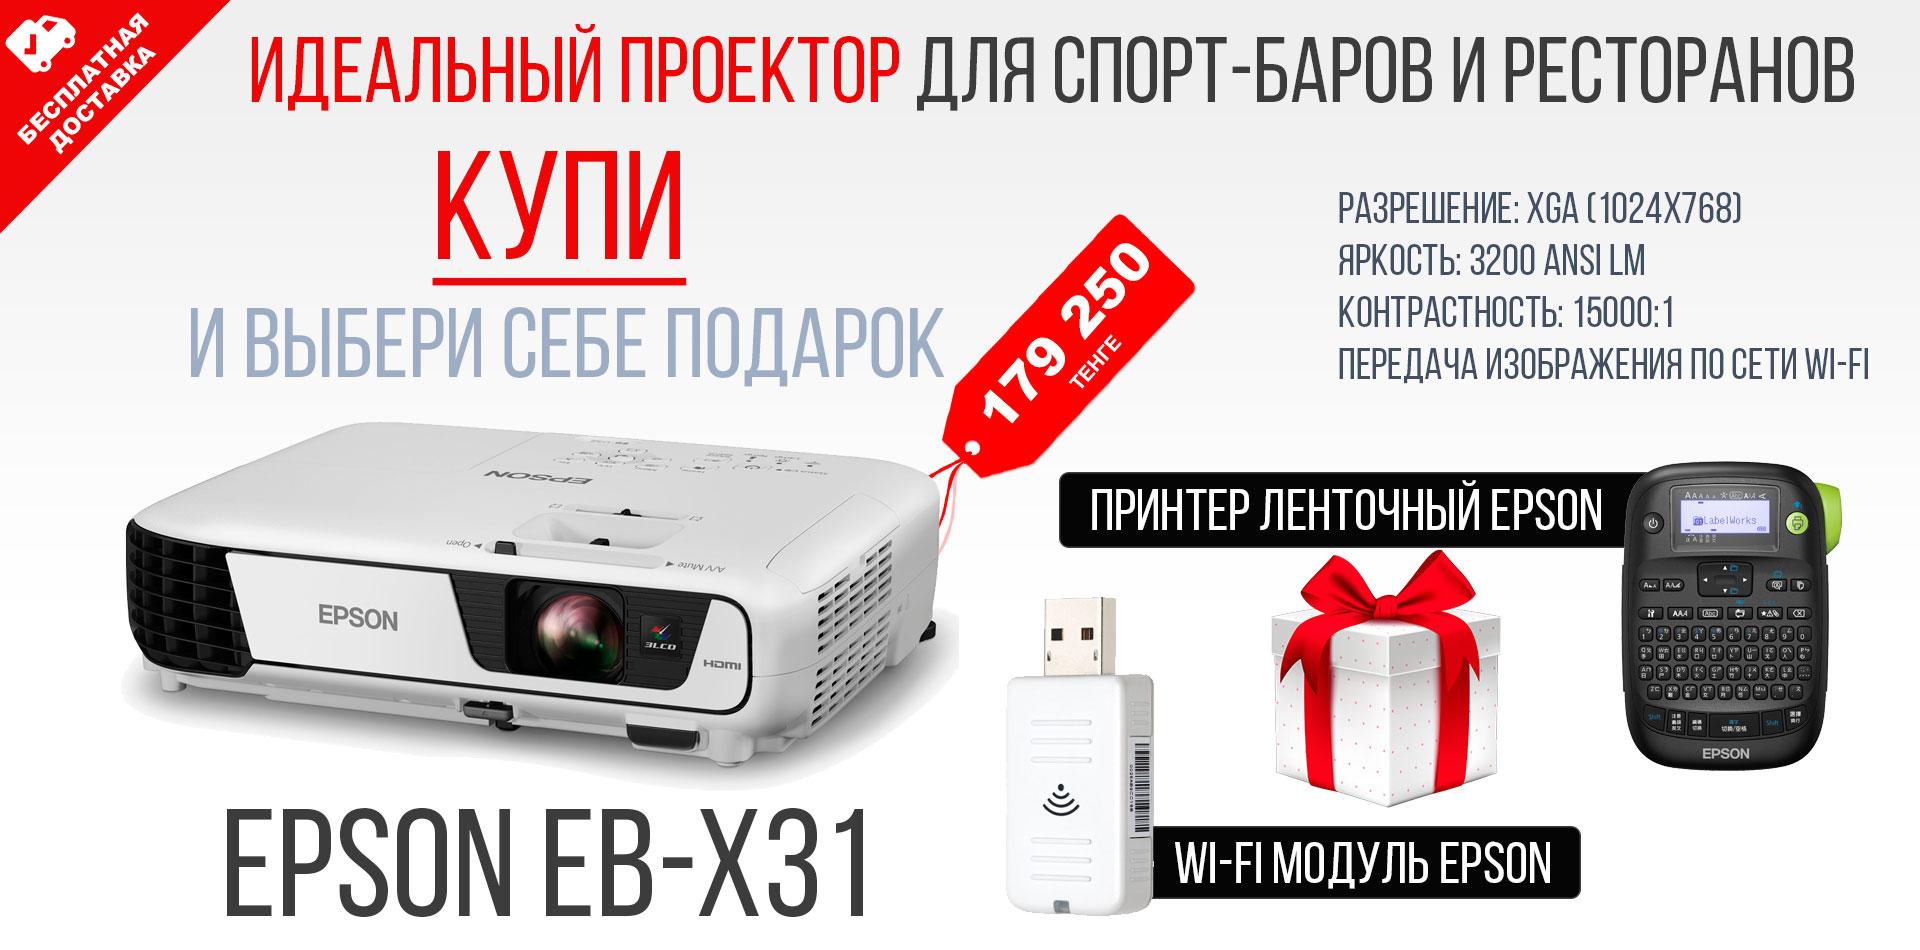 EPSON EB-X31 В АСТАНЕ.